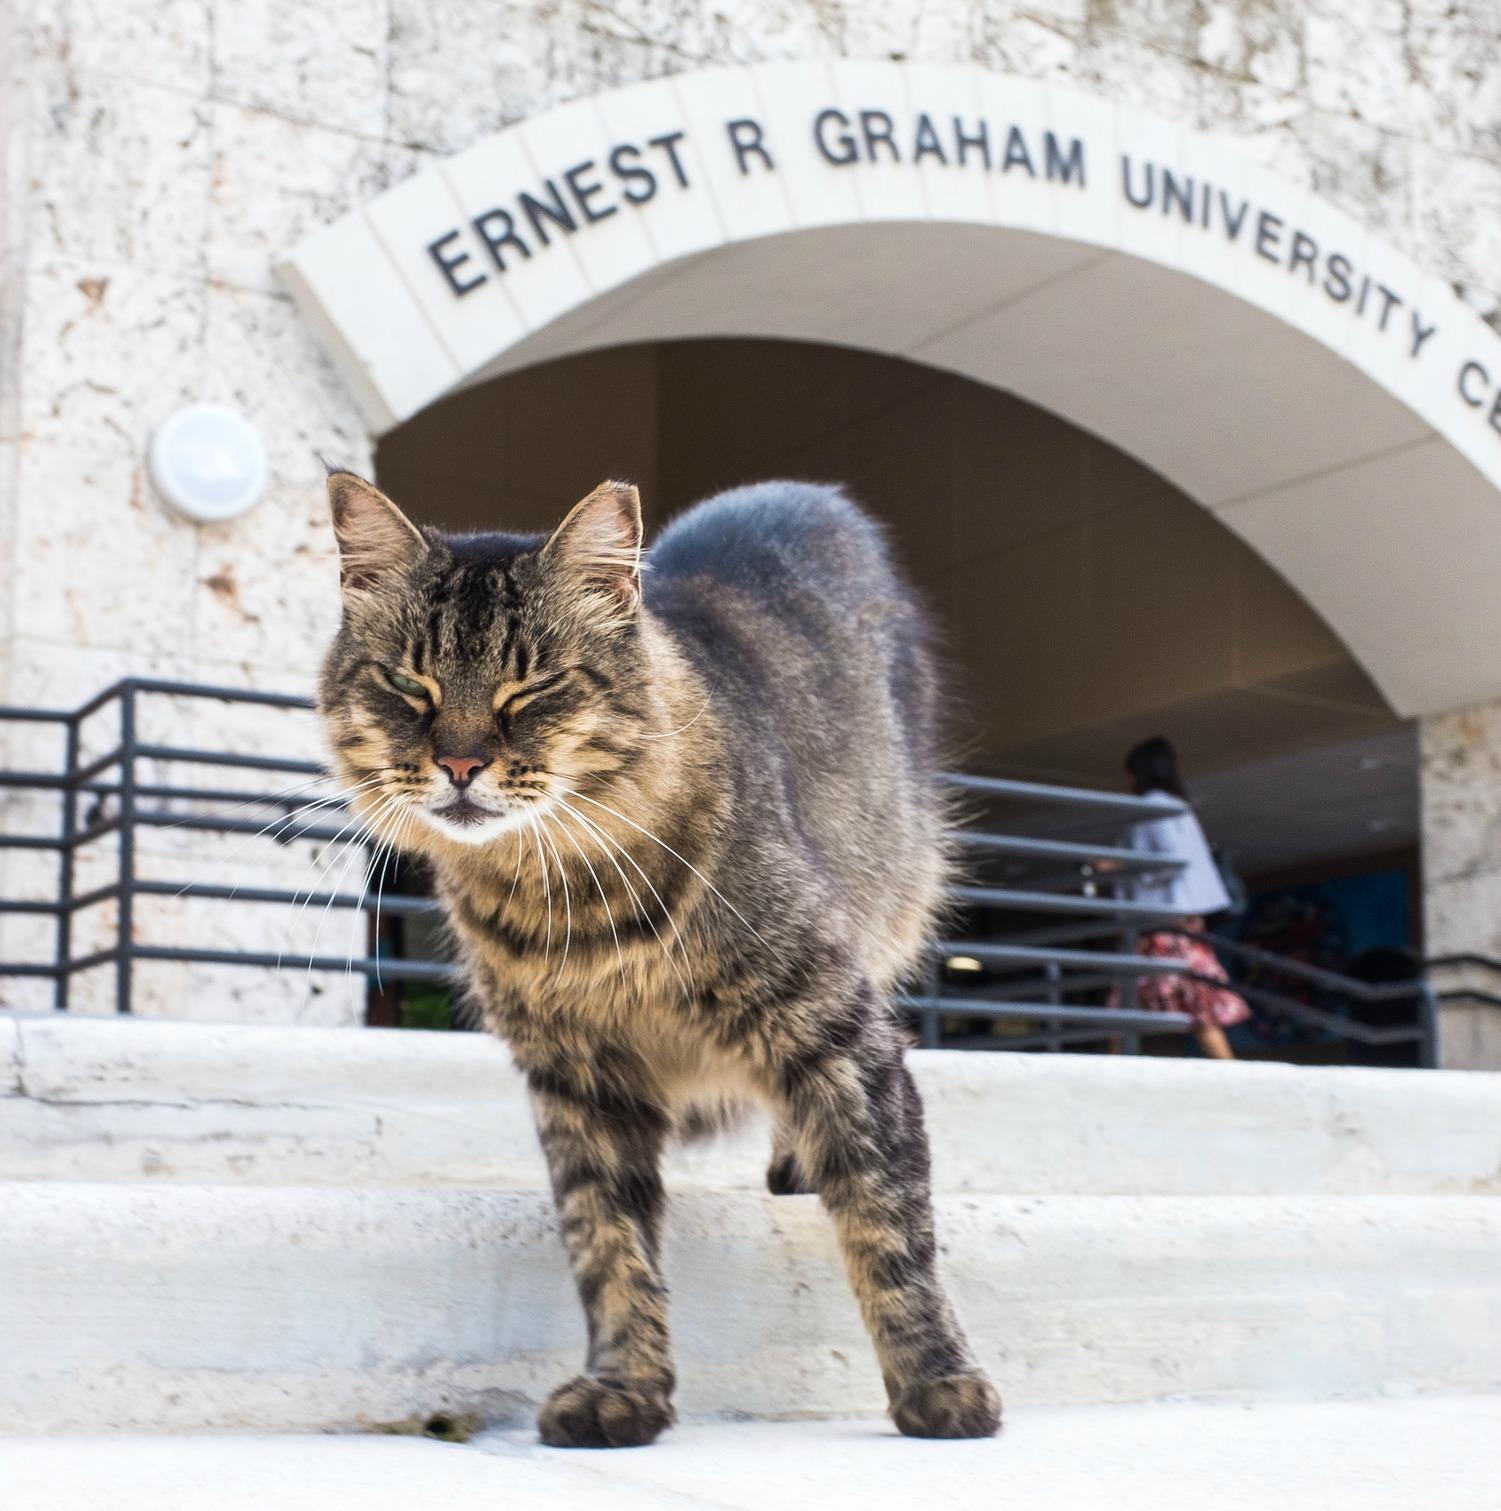 Cat GC